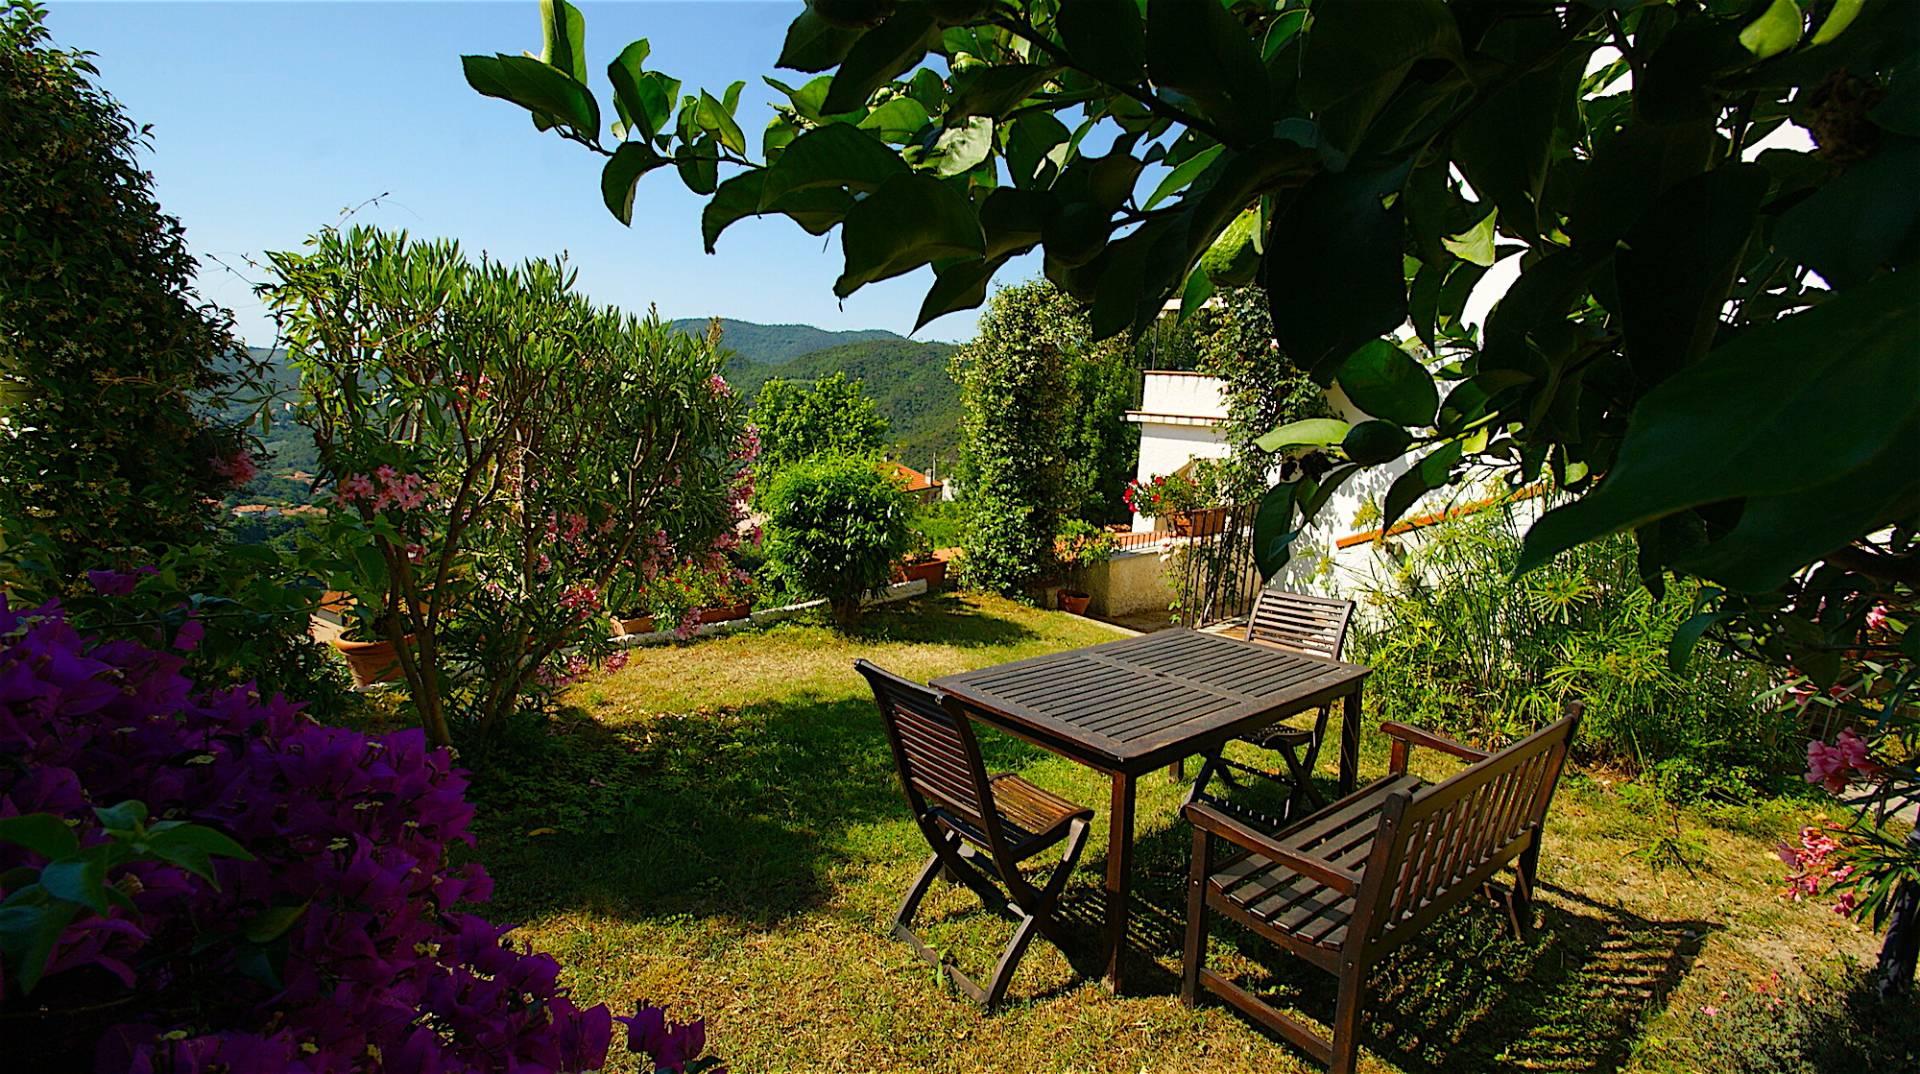 Appartamento in vendita a Tovo San Giacomo, 3 locali, prezzo € 165.000 | CambioCasa.it